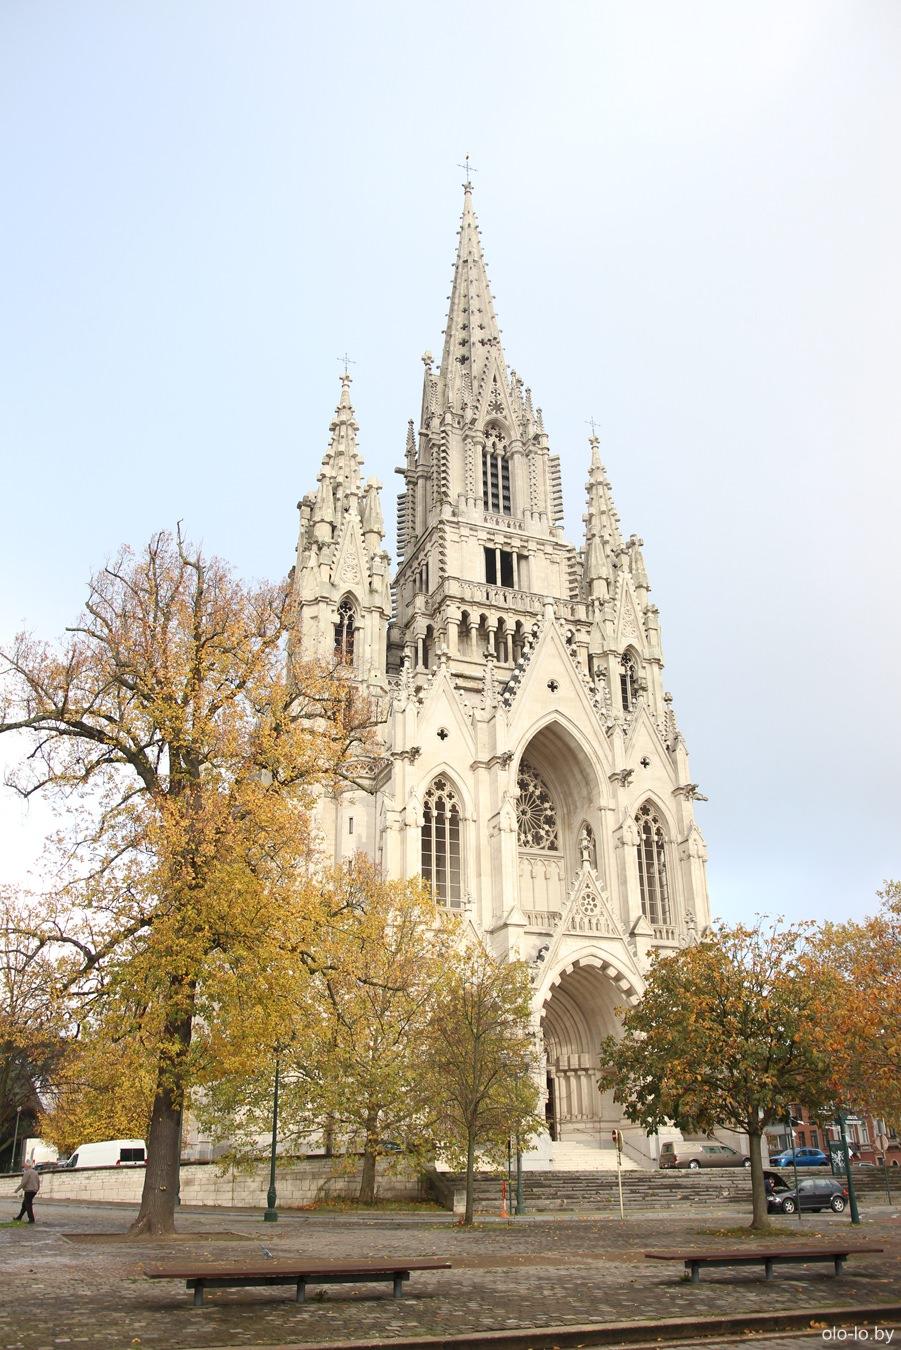 церковь Нашей Госпожи, Брюссель